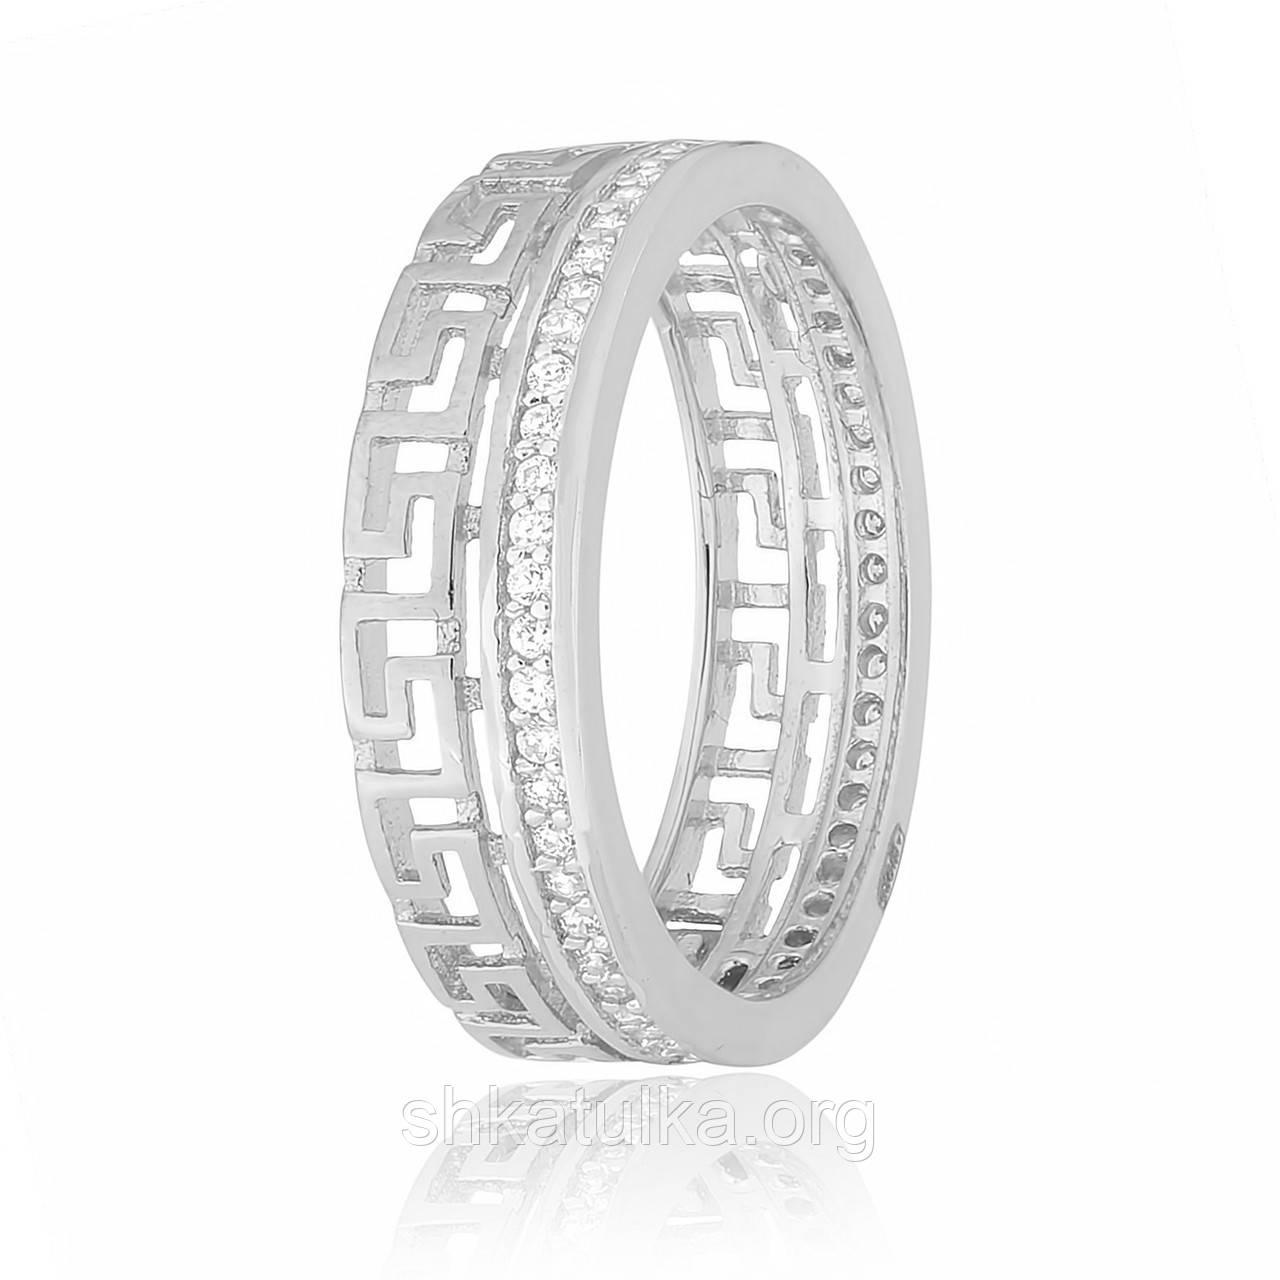 Серебряное кольцо с фианитом КК2Ф/218 - 15,2